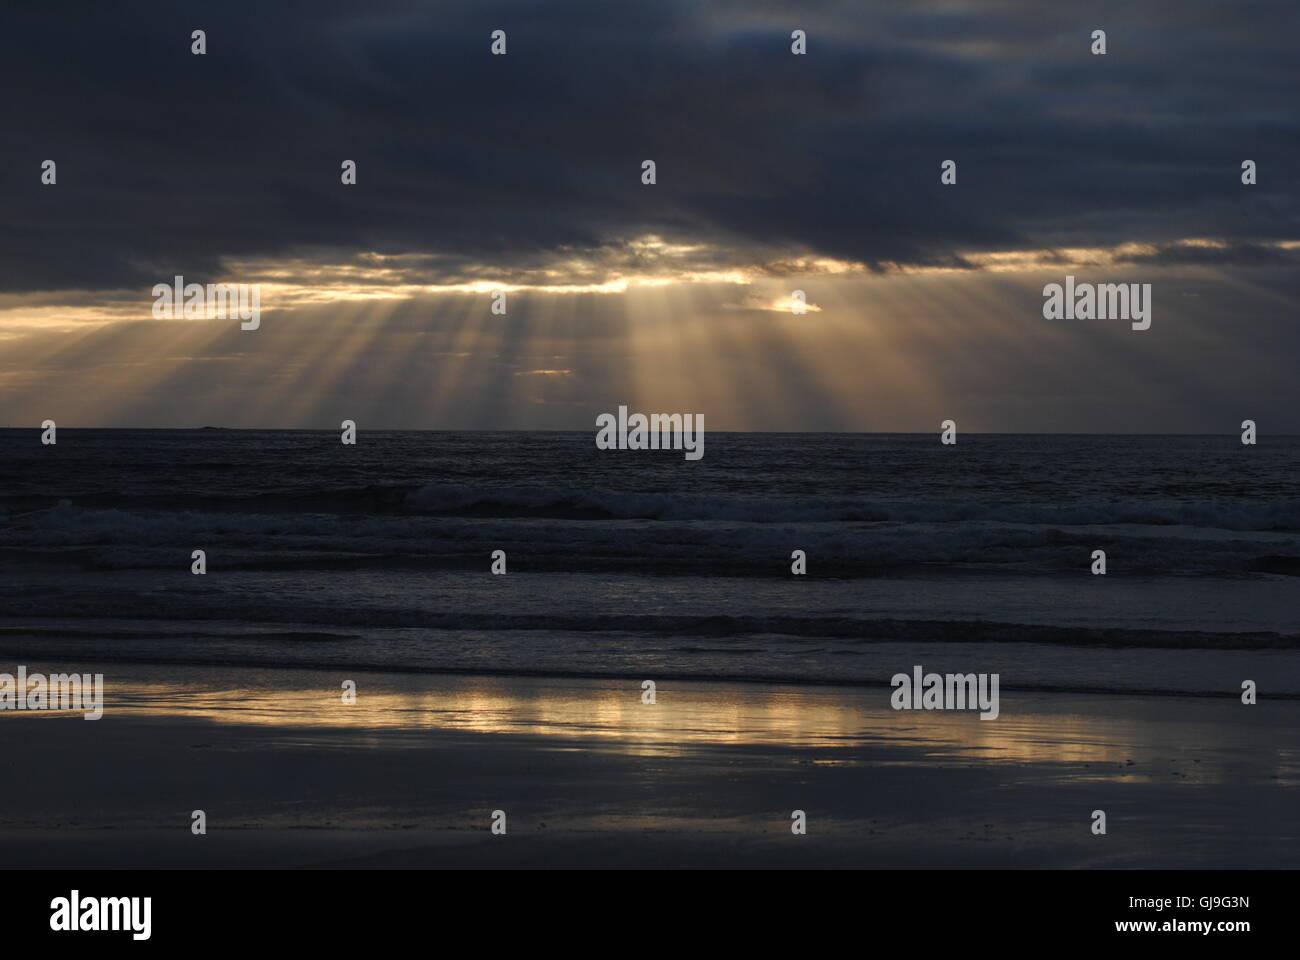 Vakker solnedgang i ytre Lofoten Stock Photo